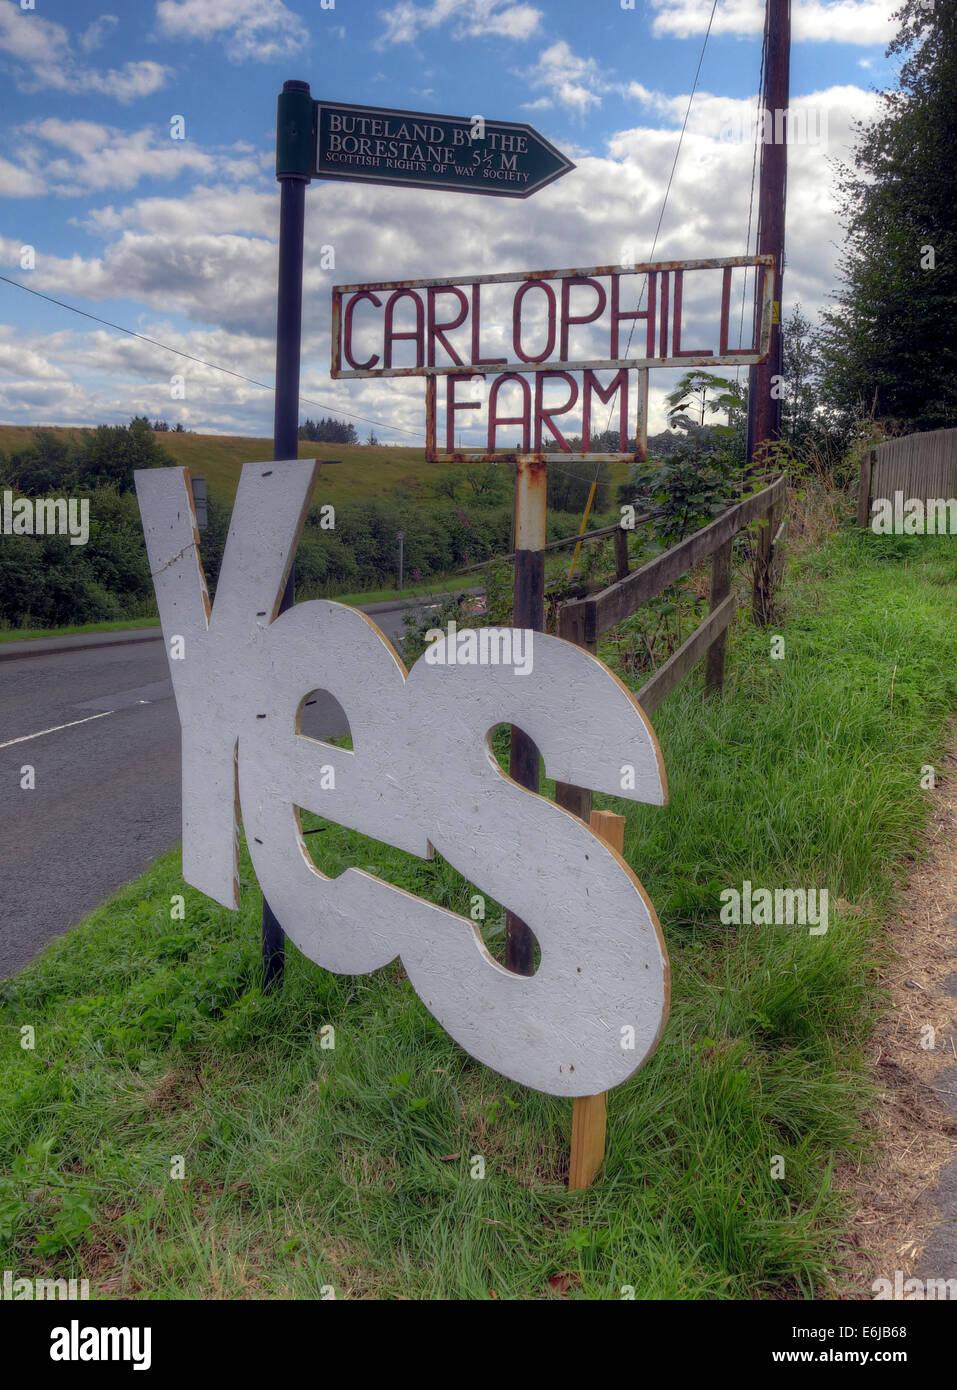 Laden Sie dieses Alamy Stockfoto Ja zur schottischen Unabhängigkeit Zeichen auf der Carlophill Farm, Carlops, Scottish Borders, Schottland September 2014 - E6JB68